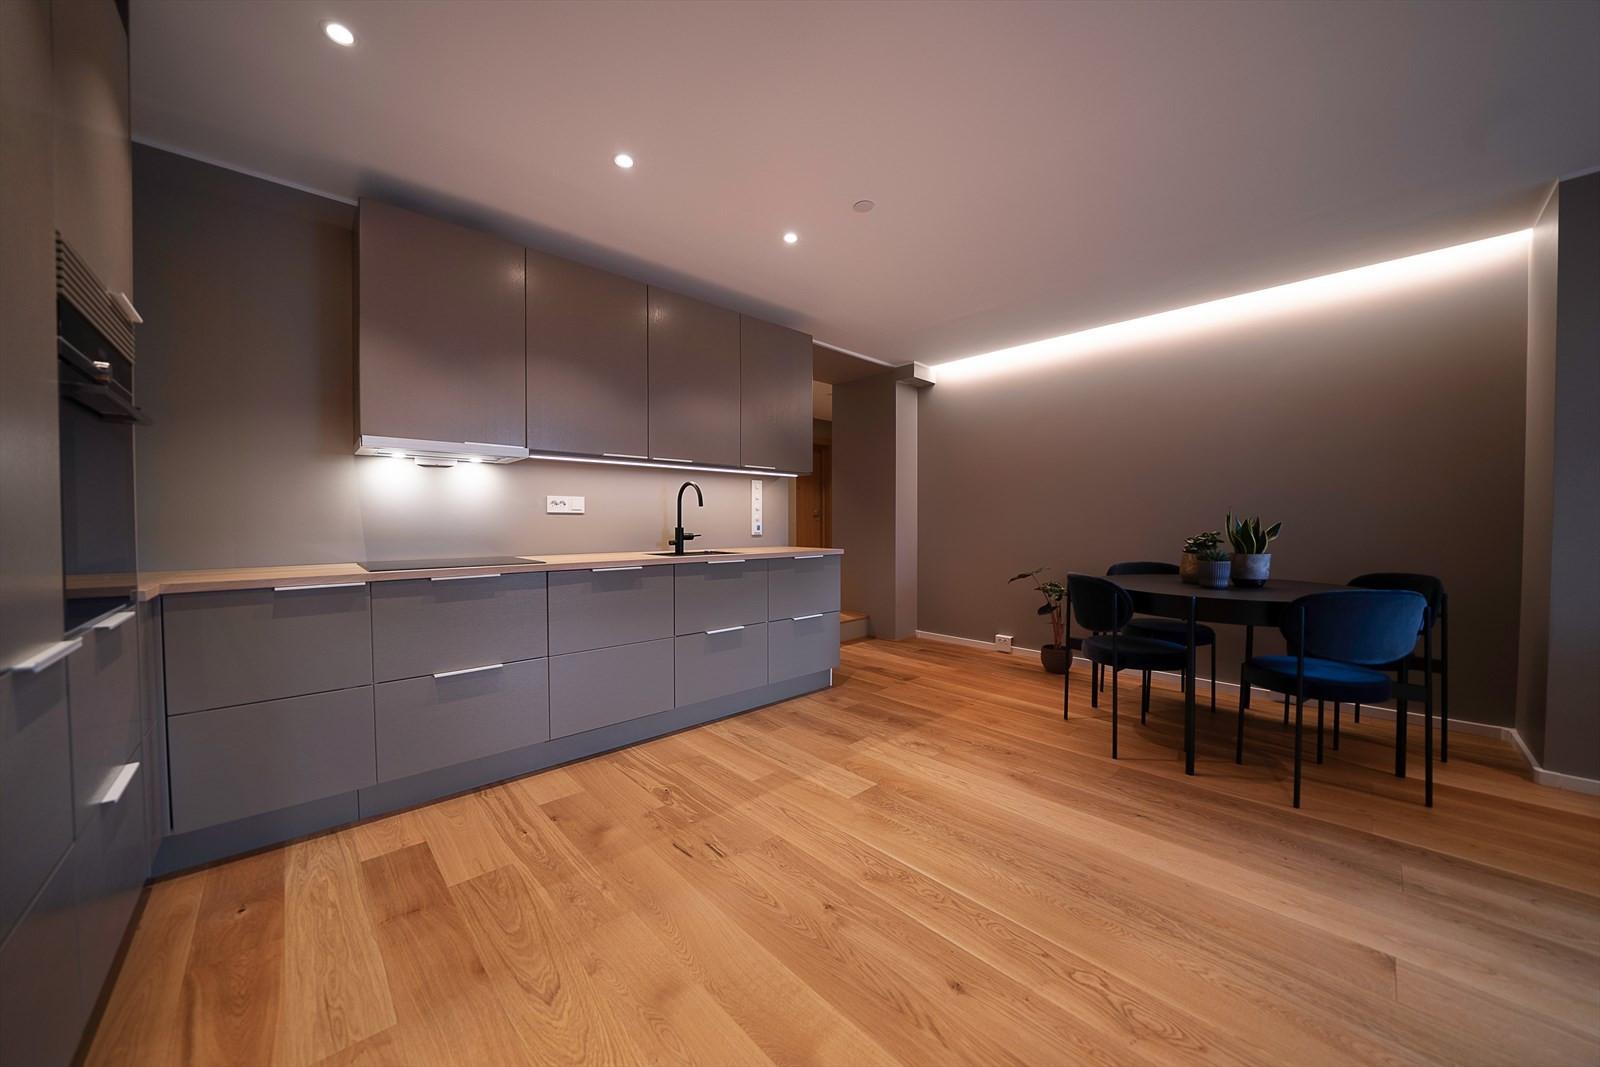 Du finner fin plass til spisebord mellom kjøkkenet og stuen